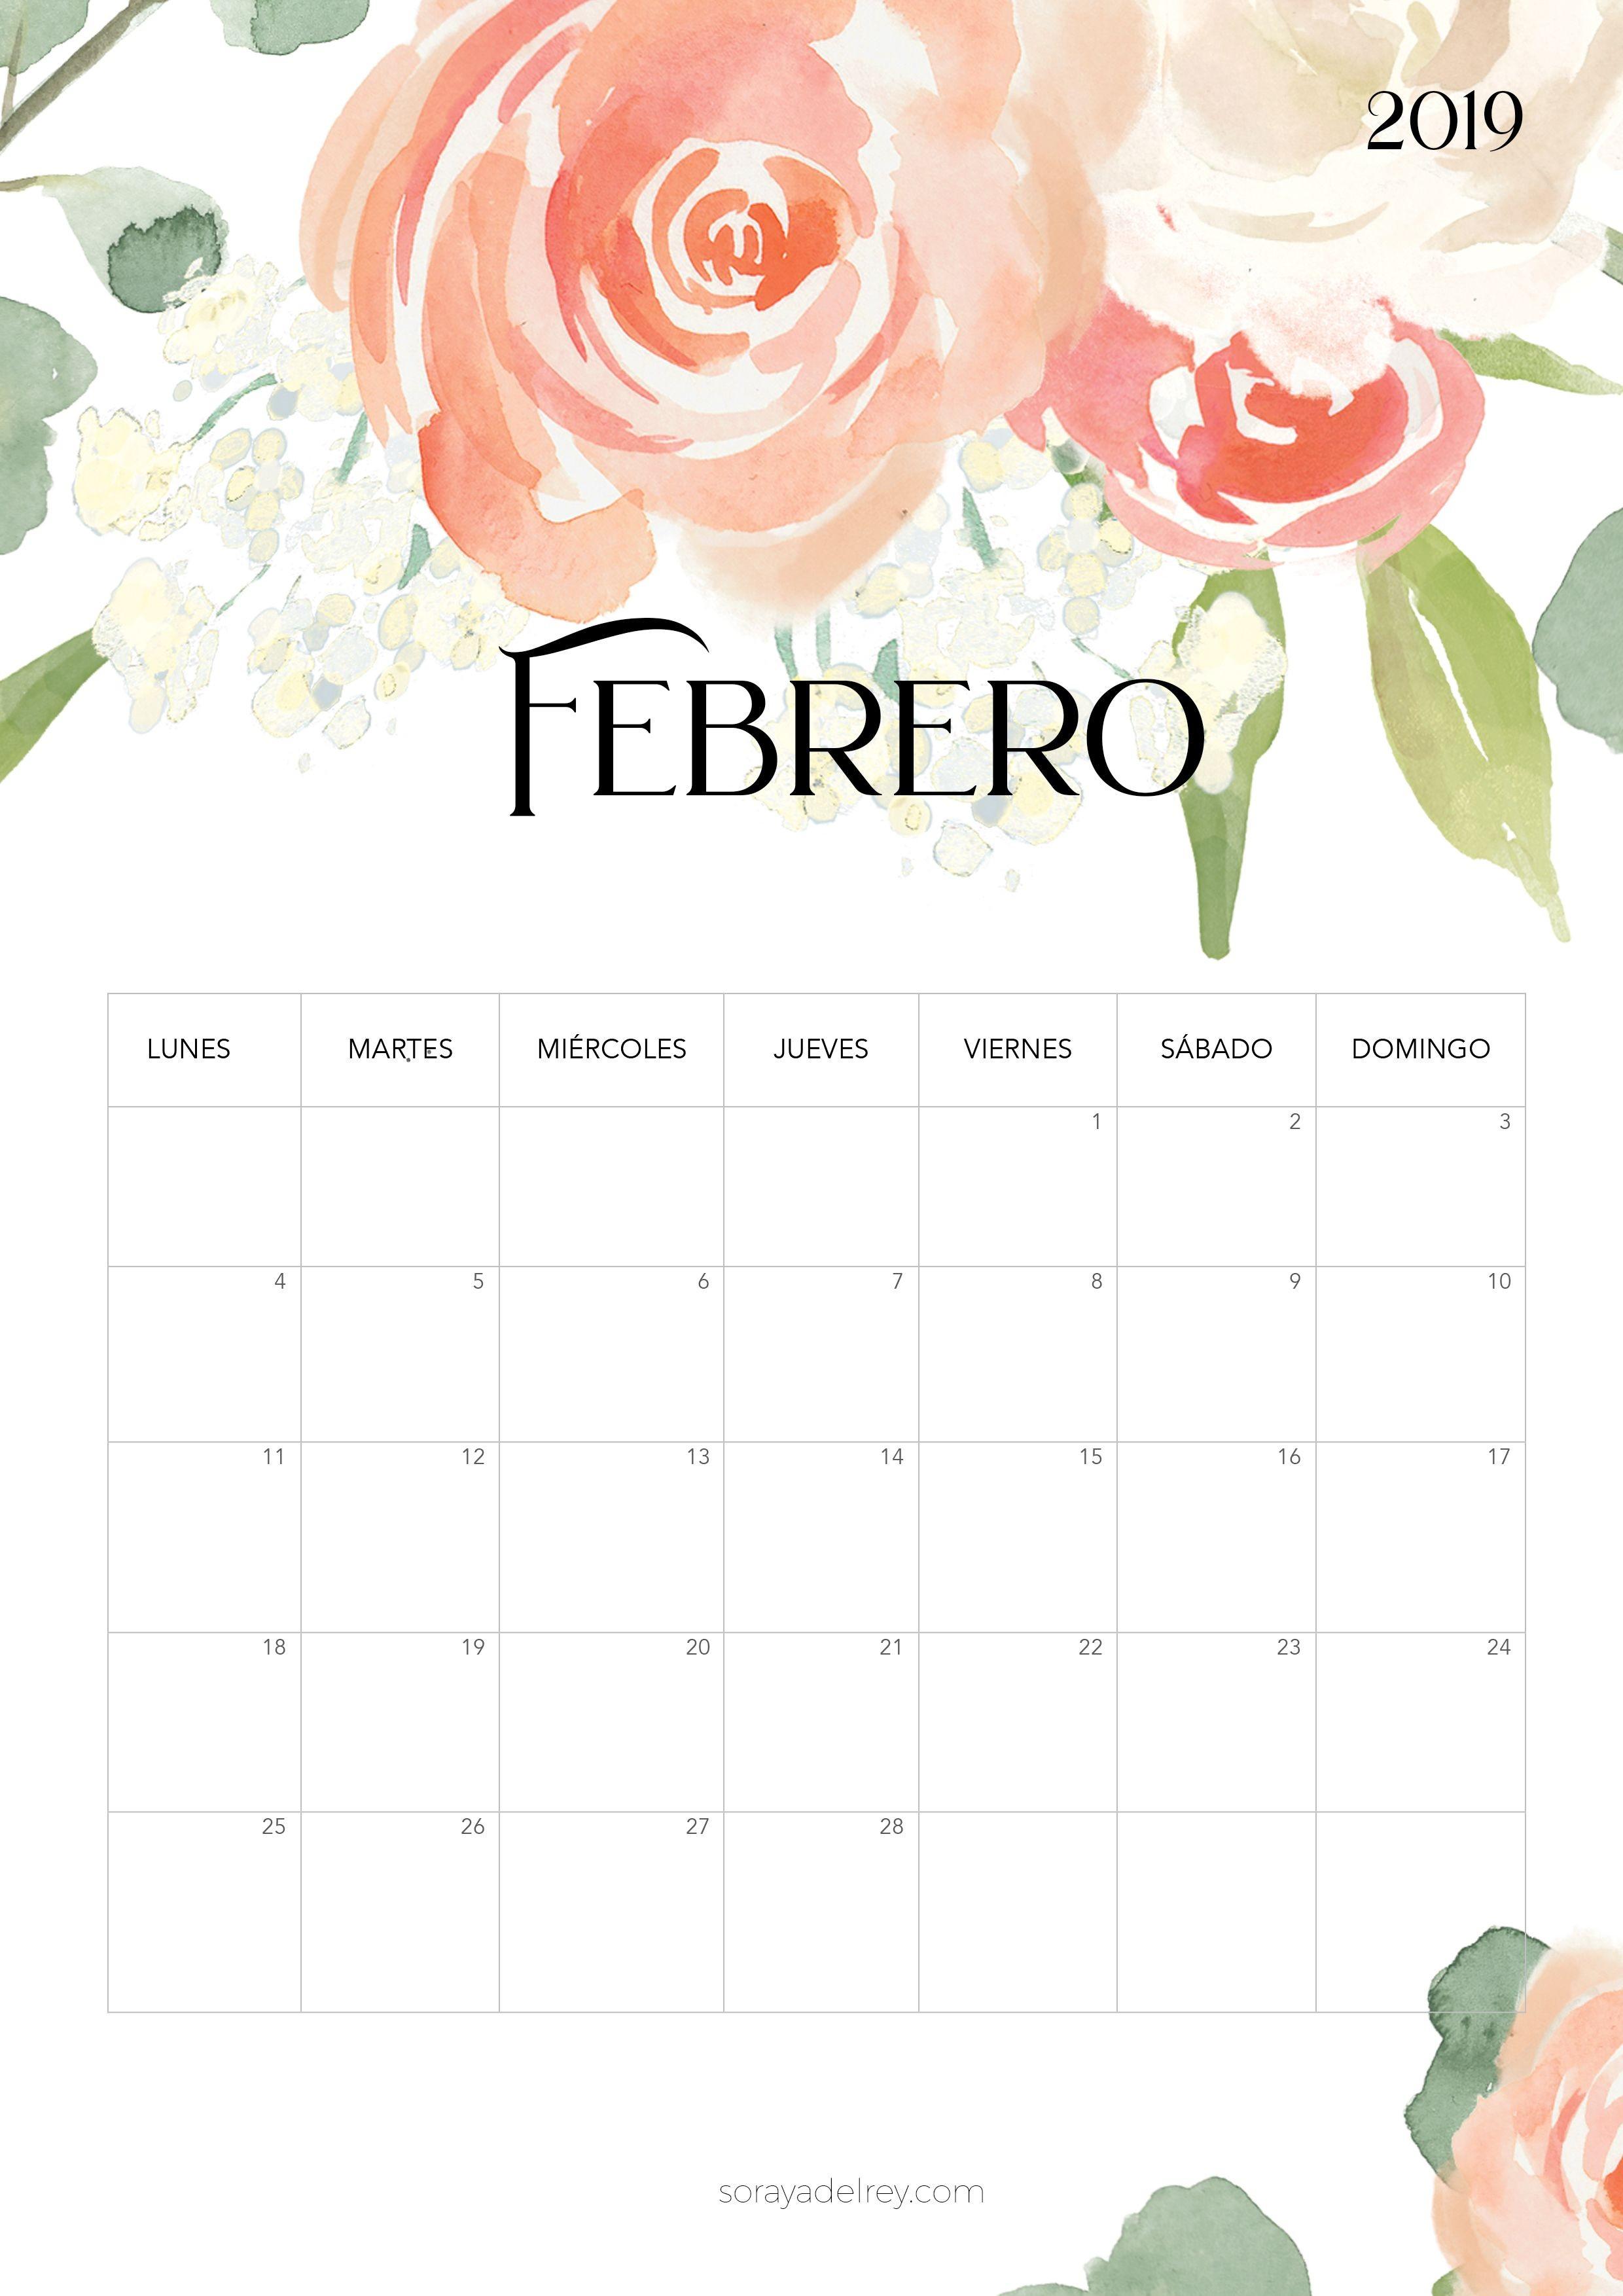 Calendario para imprimir Febrero 2019 calendario calendar febrero february freebie